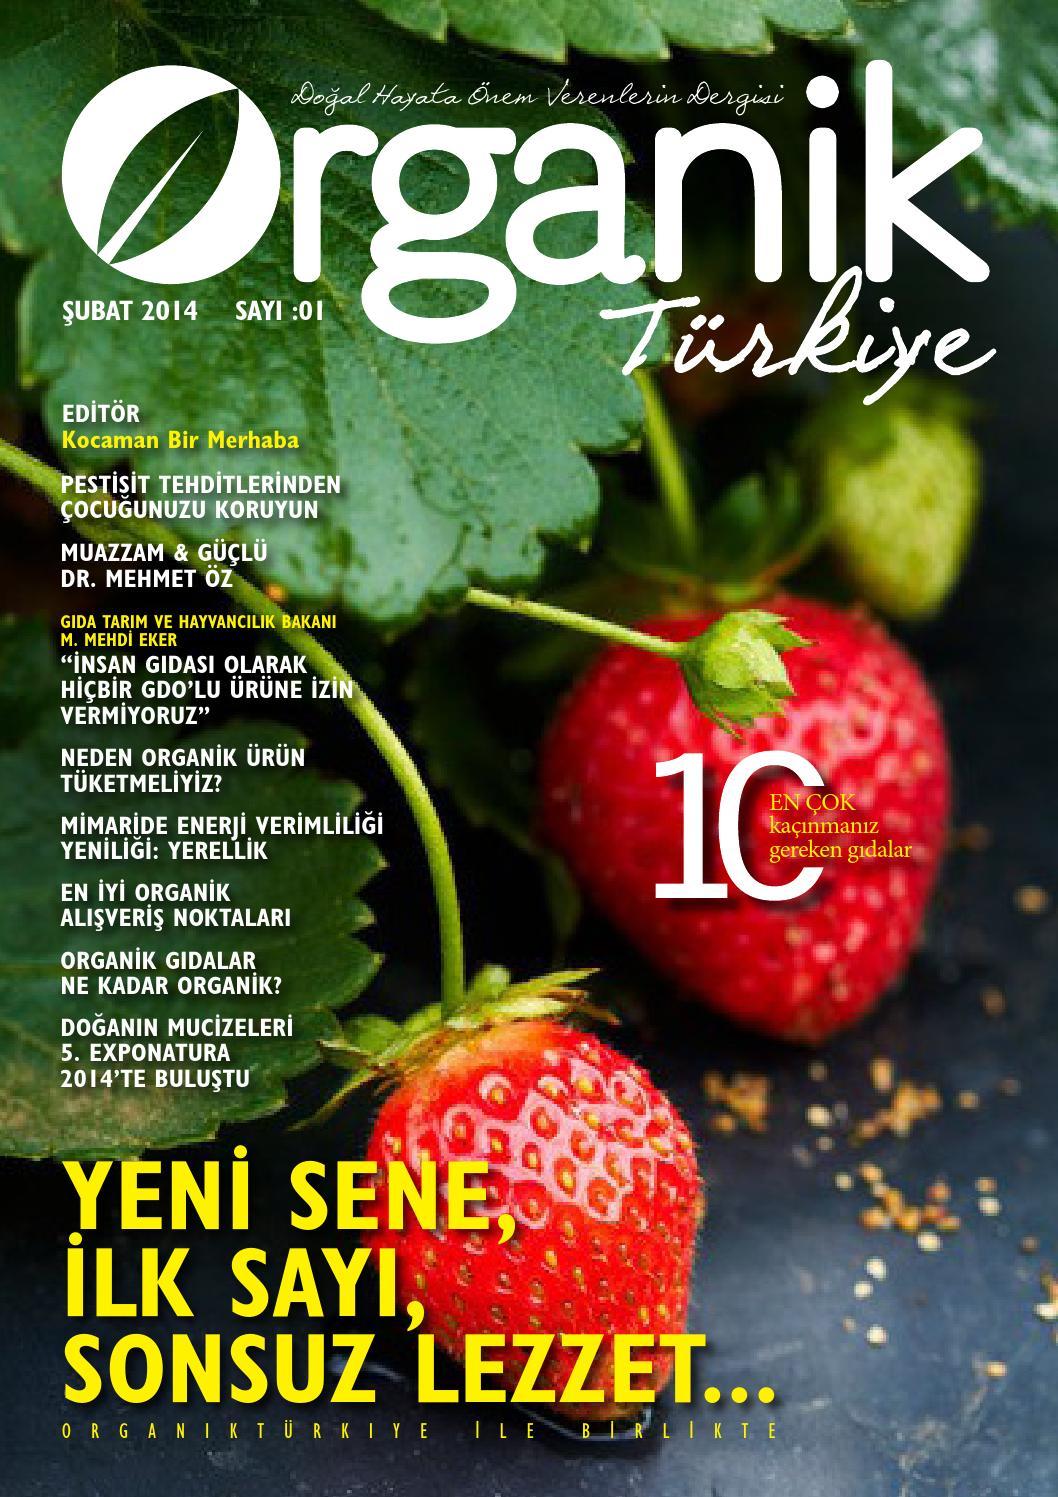 Organik Beslenme ve Sağlıklı Yaşam İlişkisi